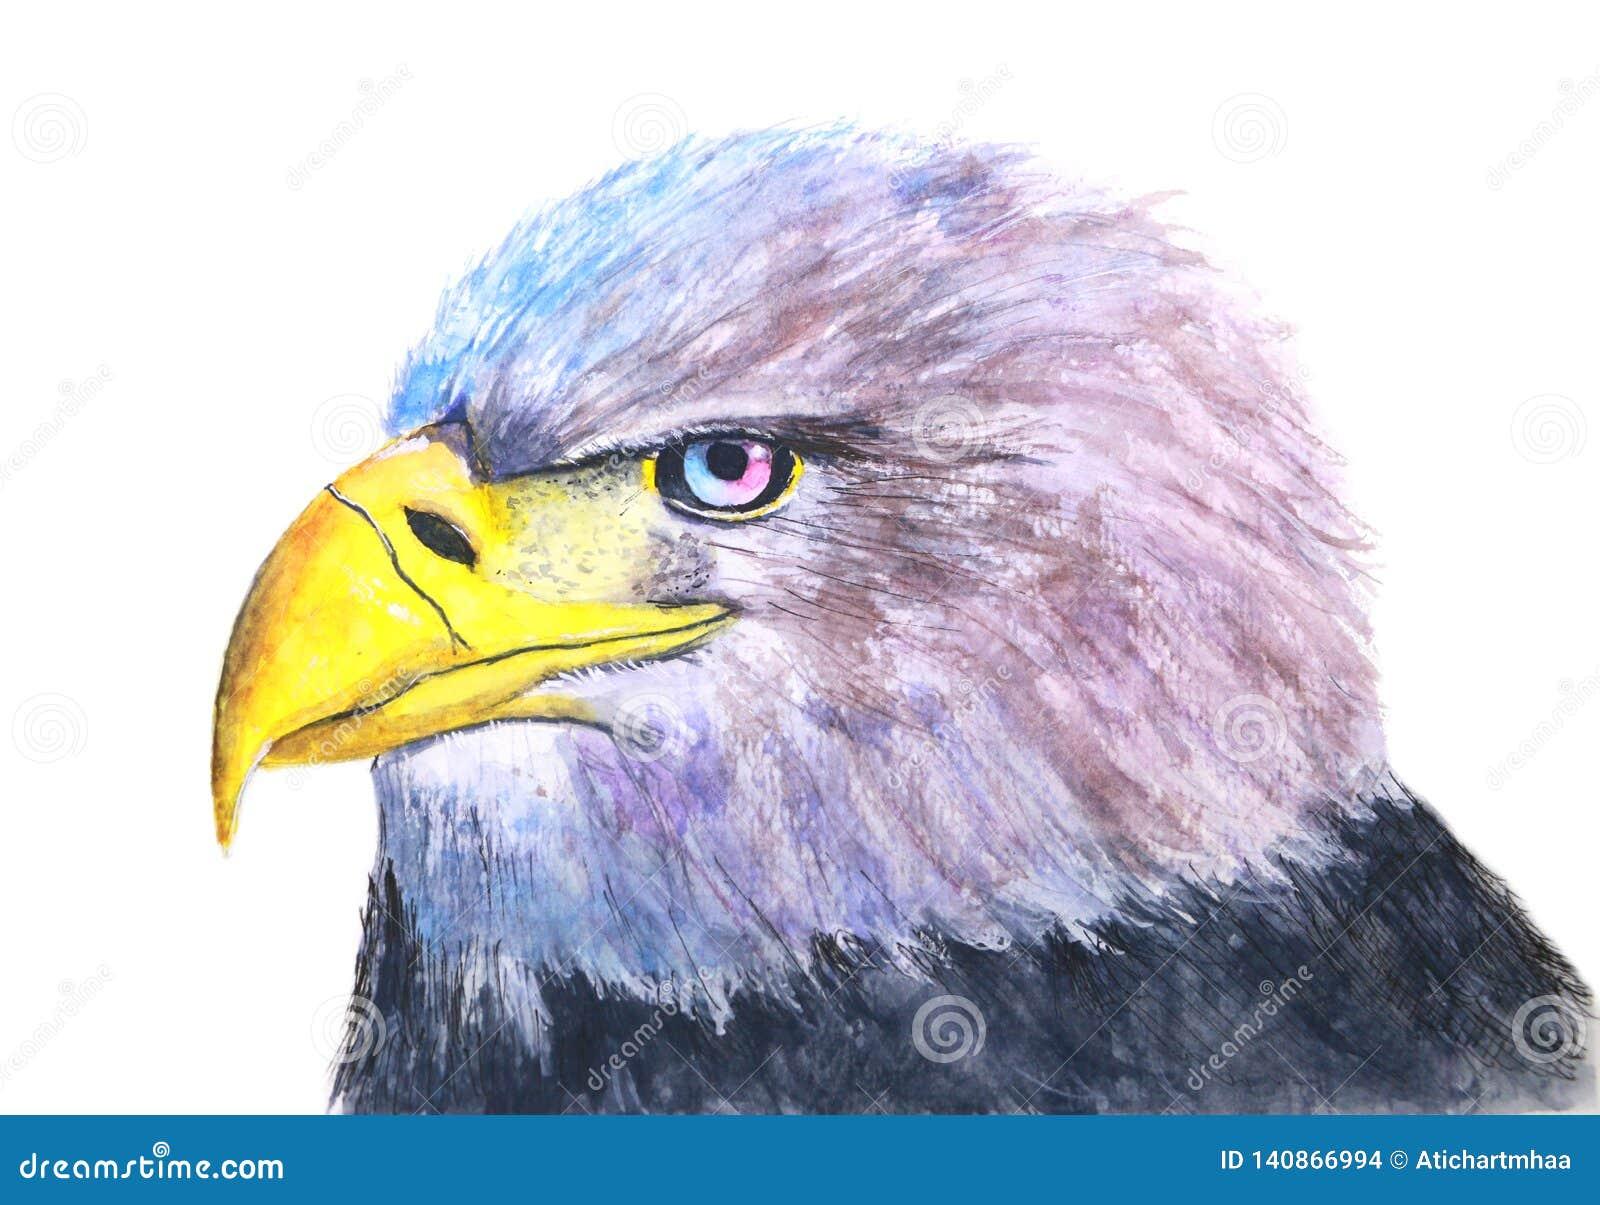 Von Hand gezeichnetes Aquarell lokalisierte Illustration eines Vogeladlers im weißen Hintergrund